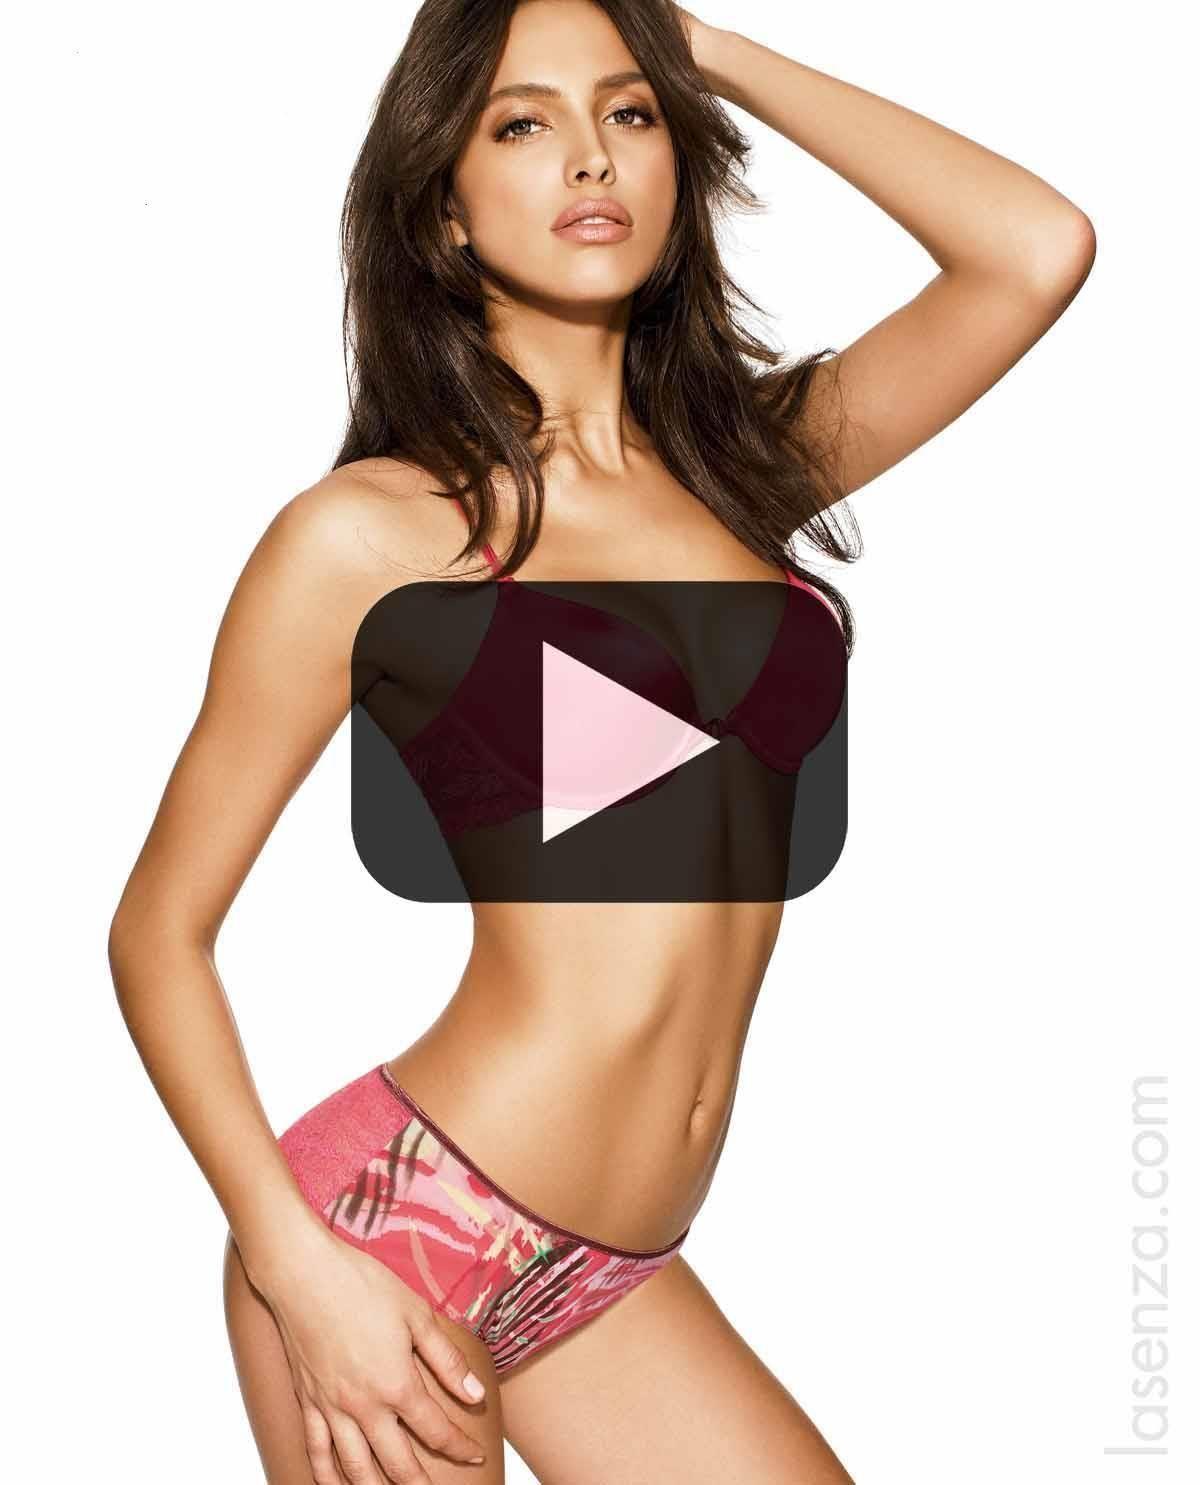 Порно фото видео девочки бесплатно